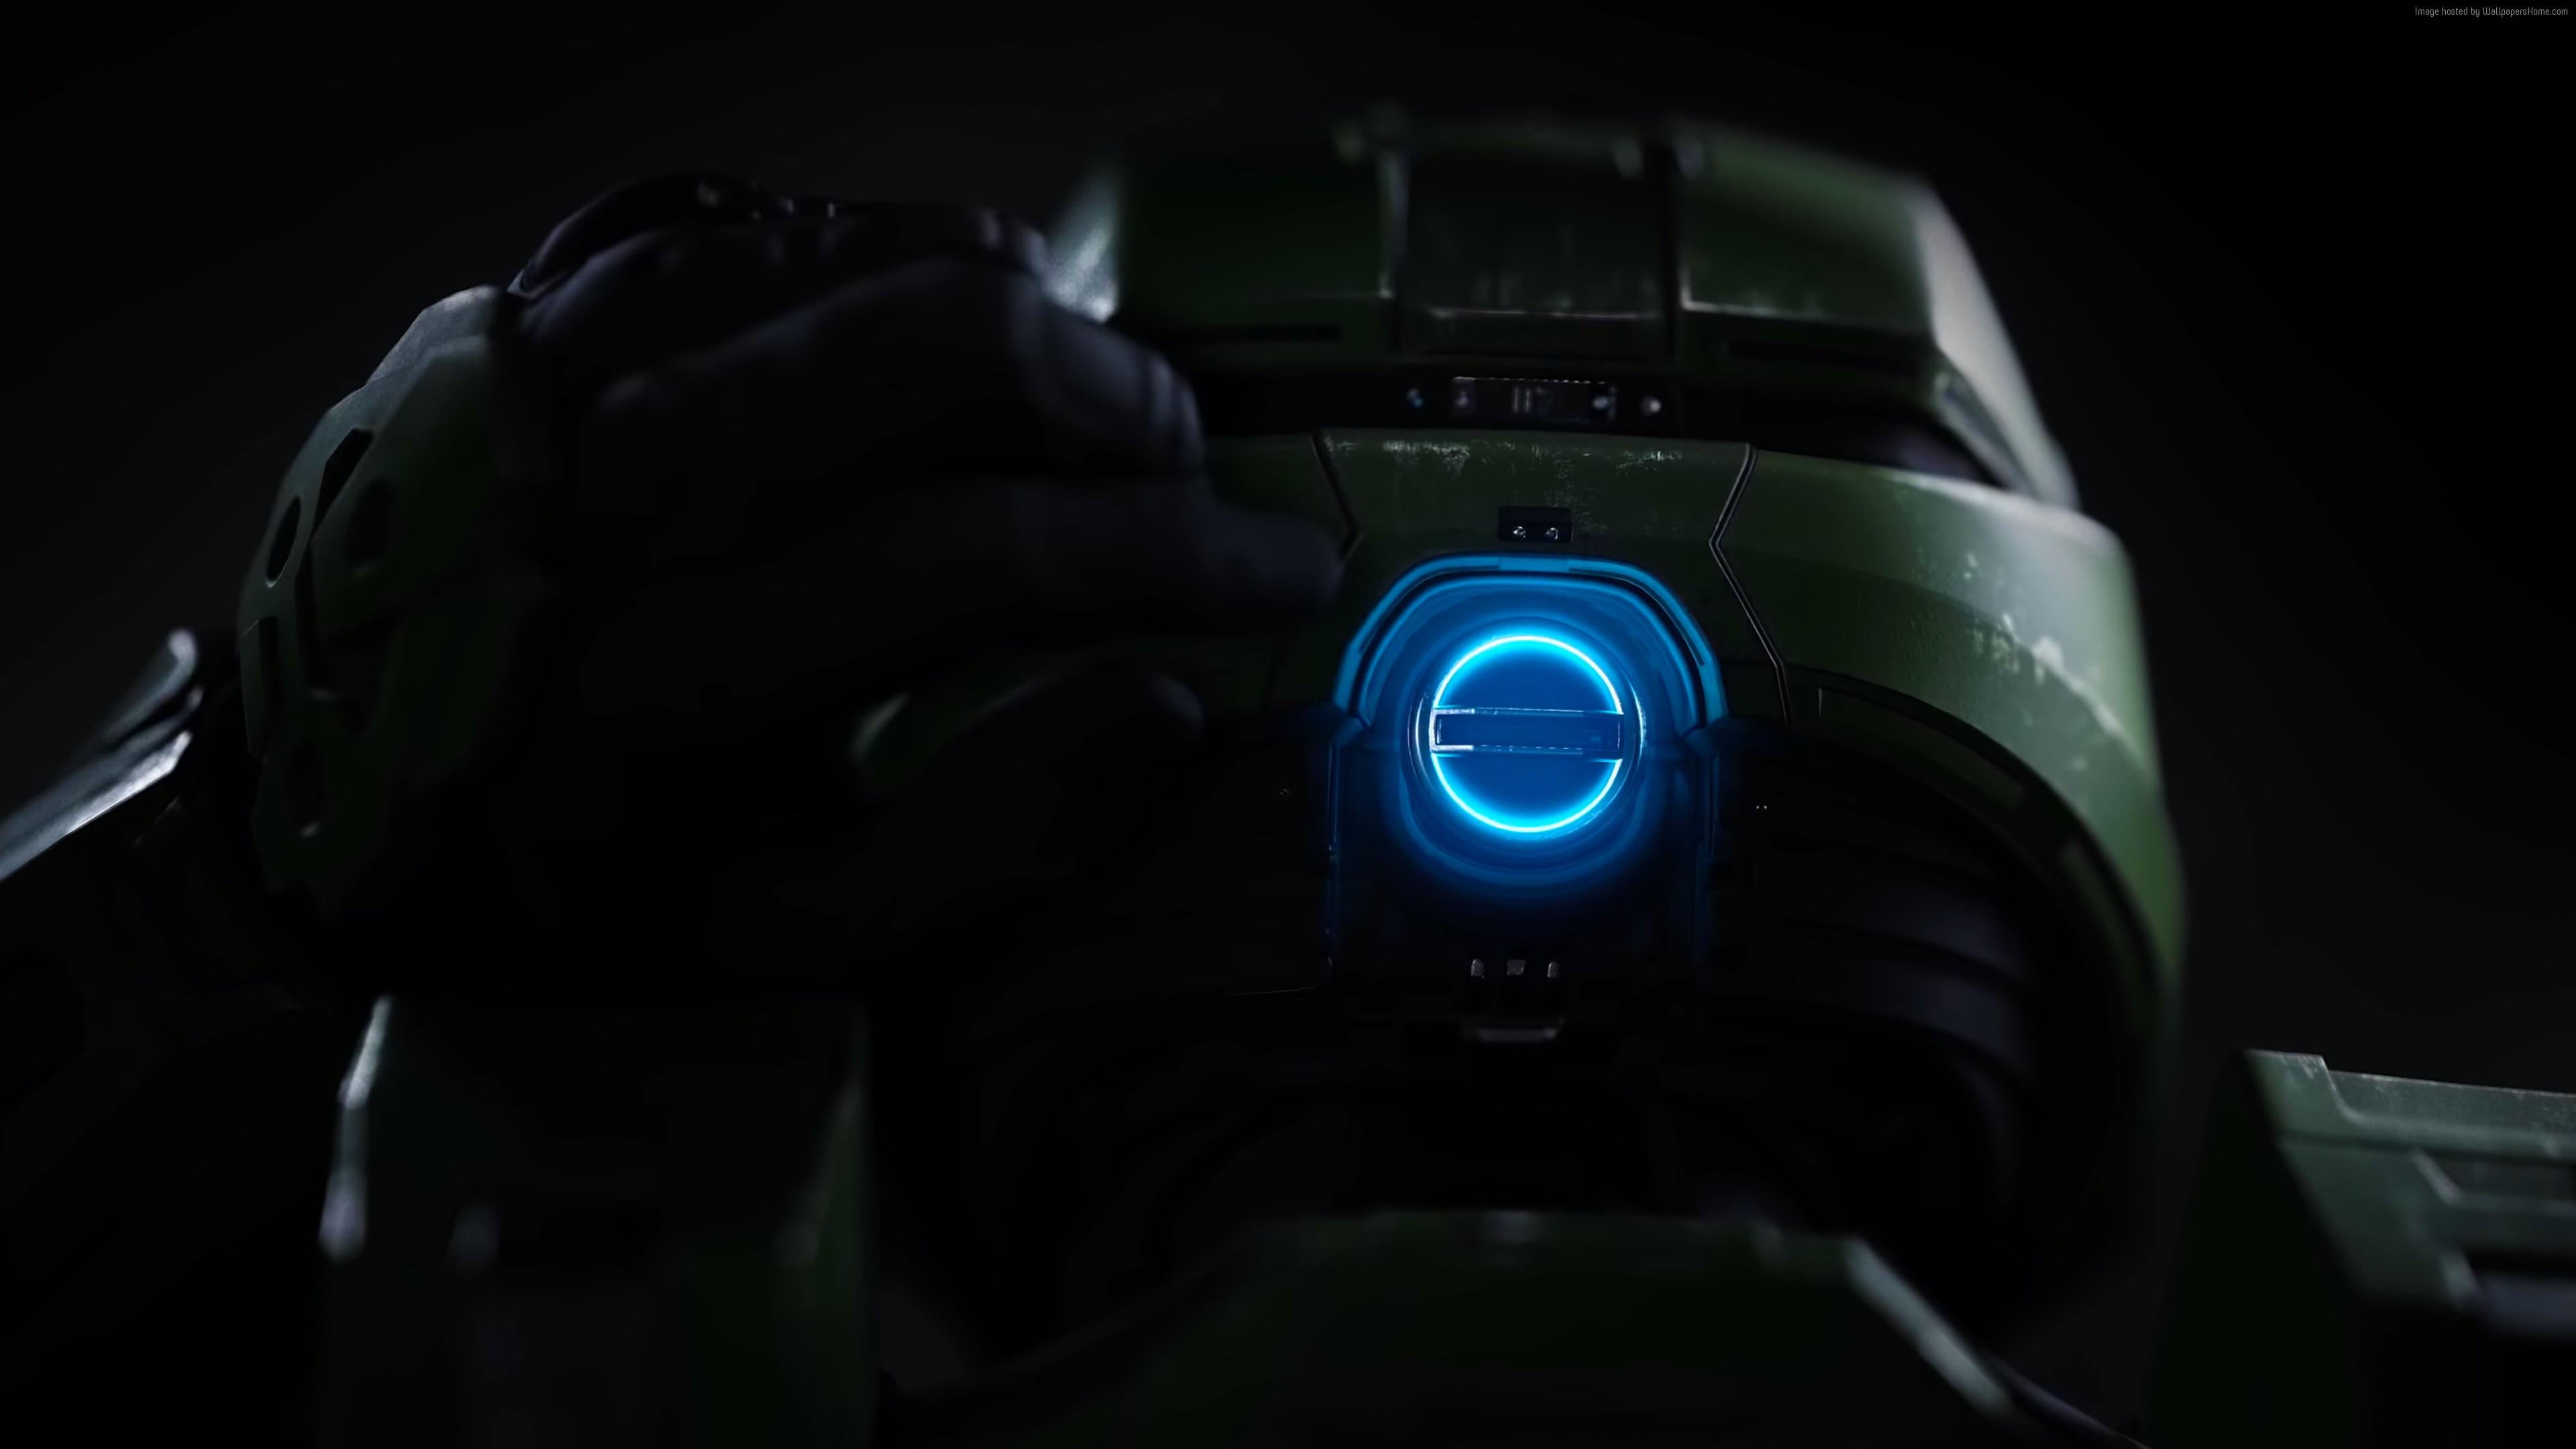 Wallpaper Halo Infinite Artwork 4k Games Wallpaper